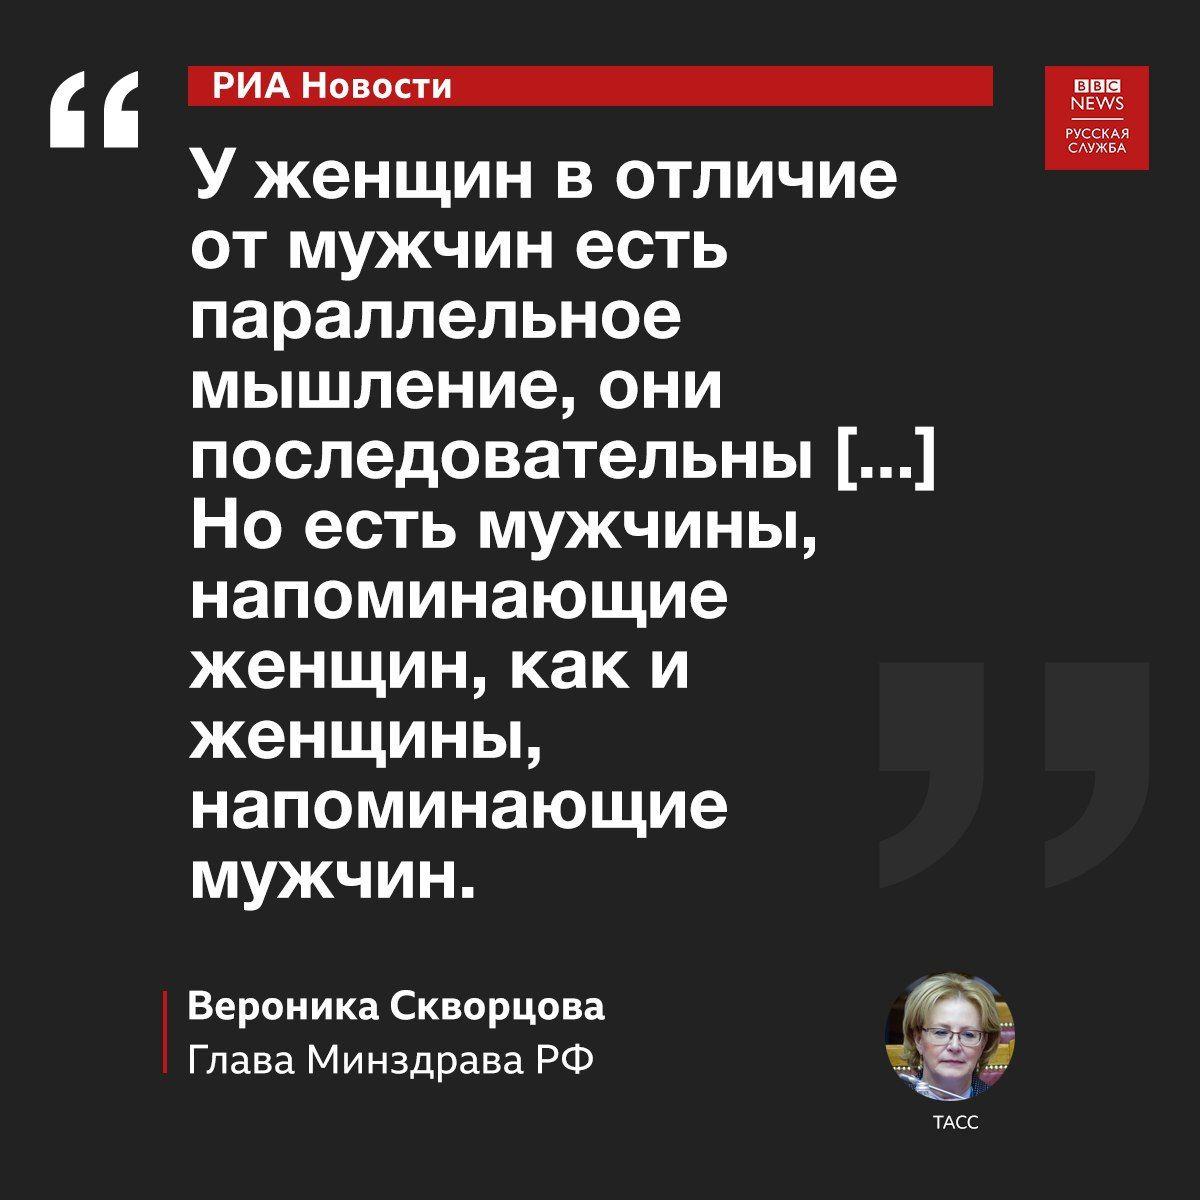 Министр здравоохранения России Вероника Скворцова на Евразийском женском форуме в Санкт-Петербурге назвала главное отличие мужского и женского мышления, передаёт MK.RU. «У женщин, в отличие от мужчин, есть параллельное мышление, они последовательны… Но есть мужчины, напоминающие женщин, как и женщины, напоминающие мужчин», – отметила Вероника Скворцова.